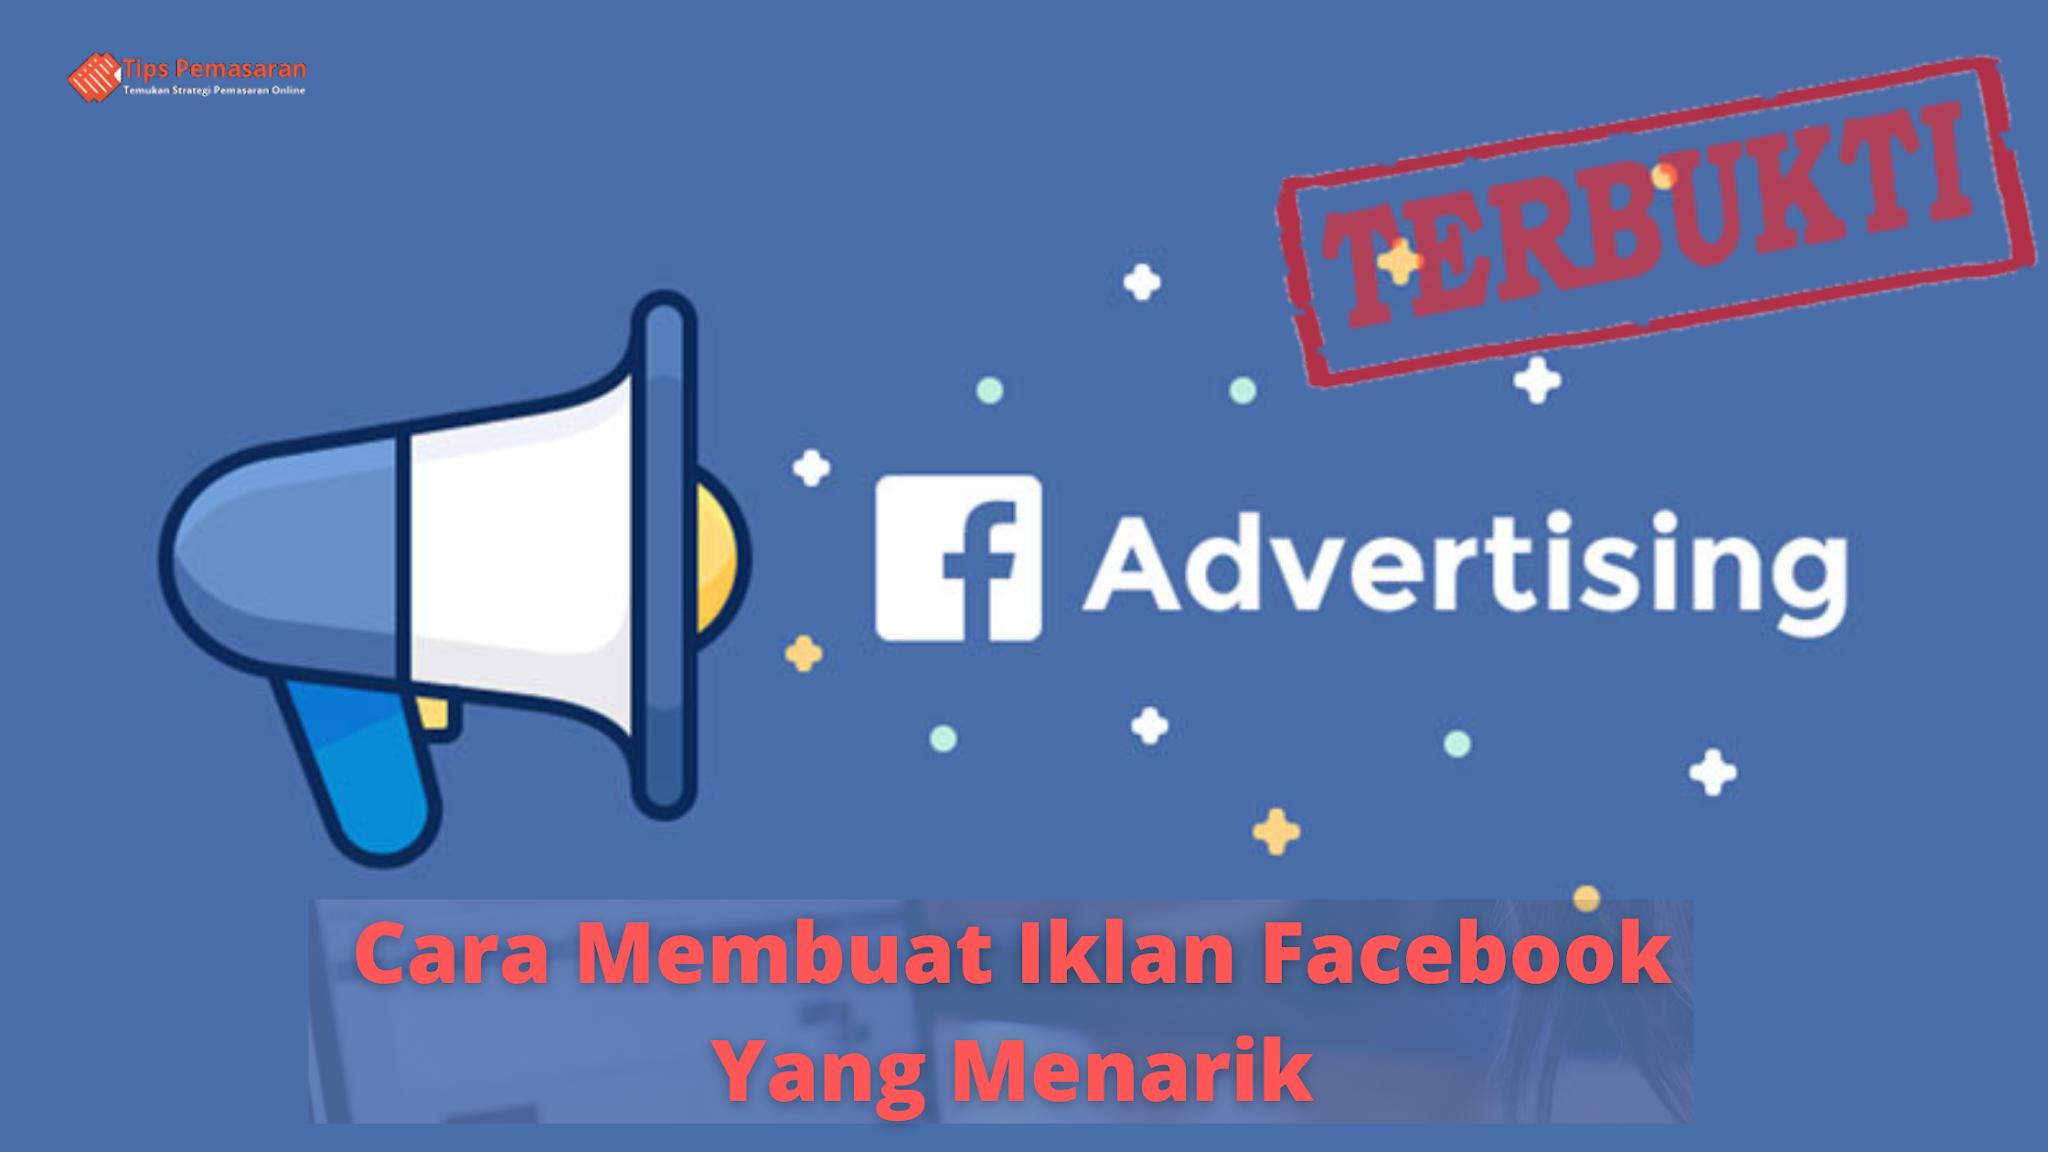 Cara Membuat CopyWriting Iklan Facebook